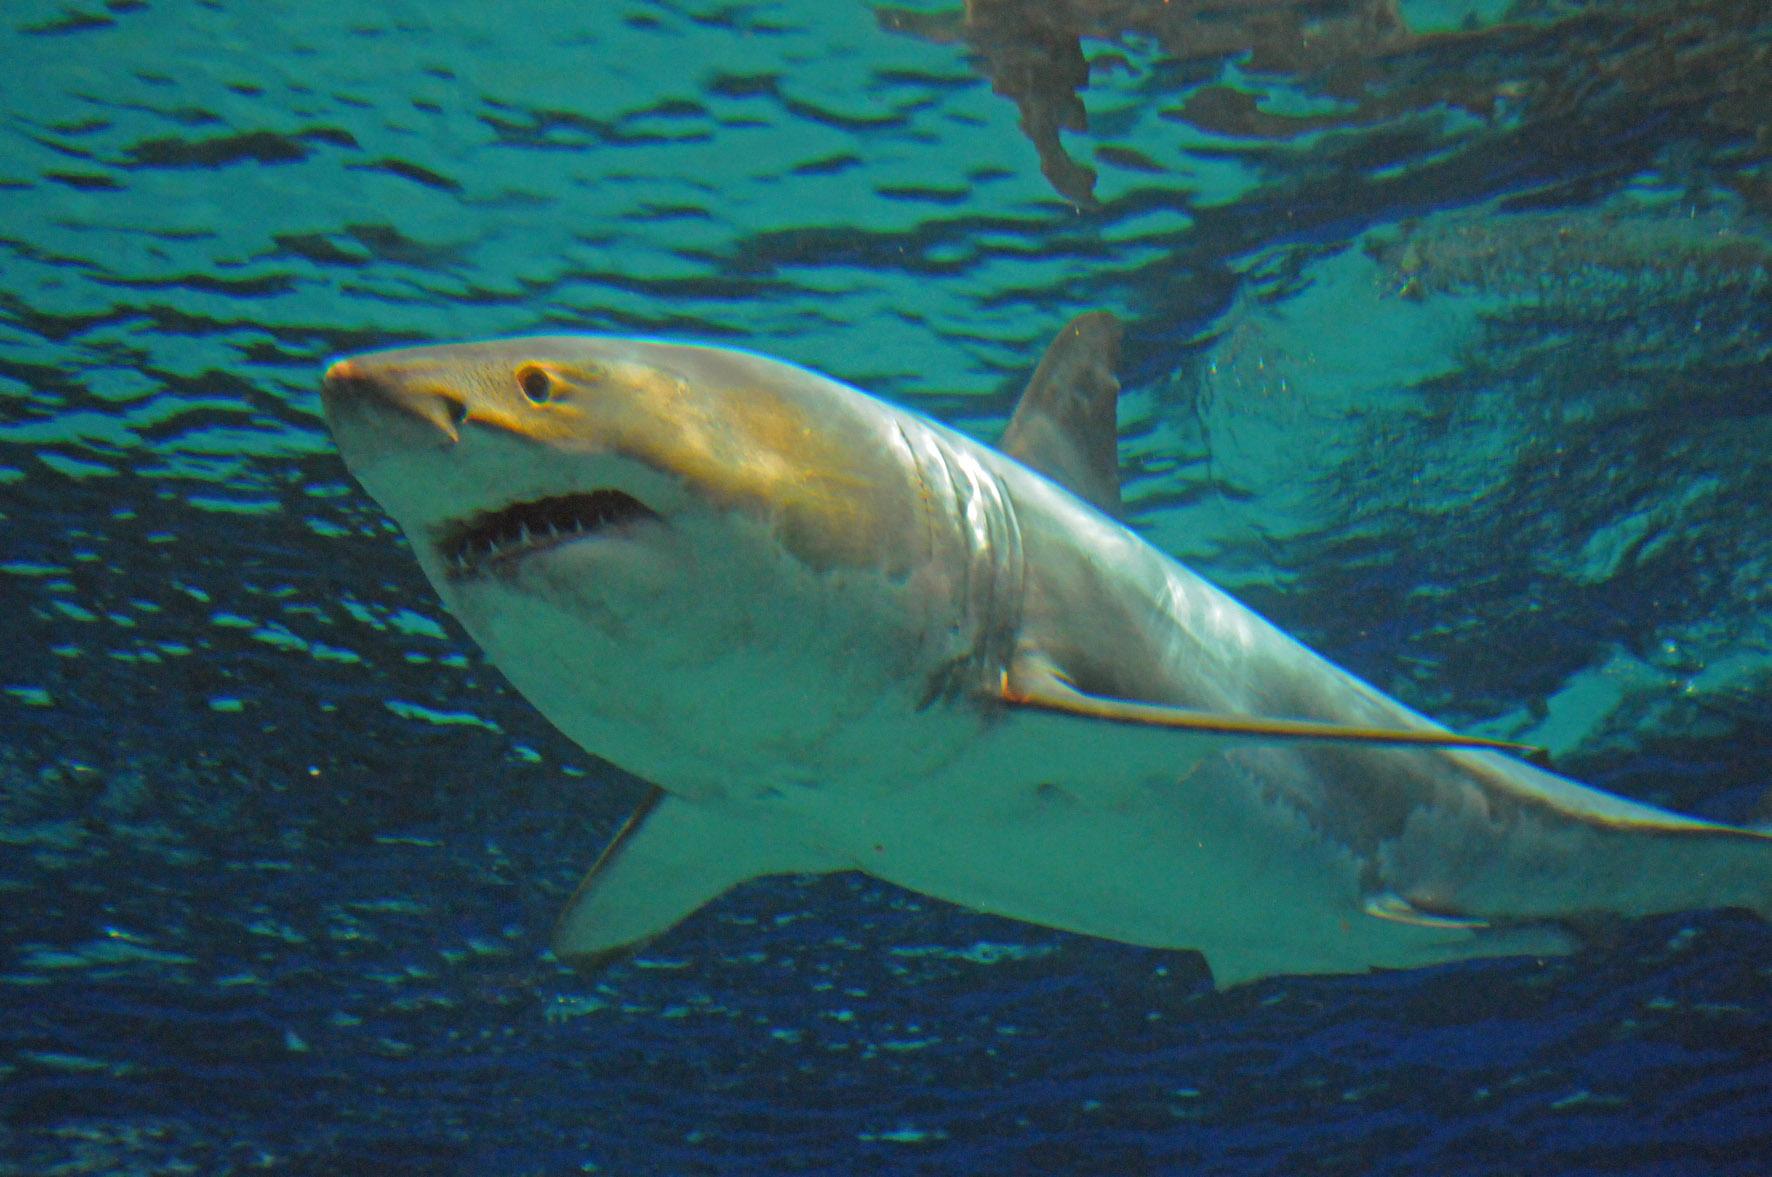 相次ぐサメの出没。専門家とサメの素顔に迫るPart1 -サメって怖いの?-